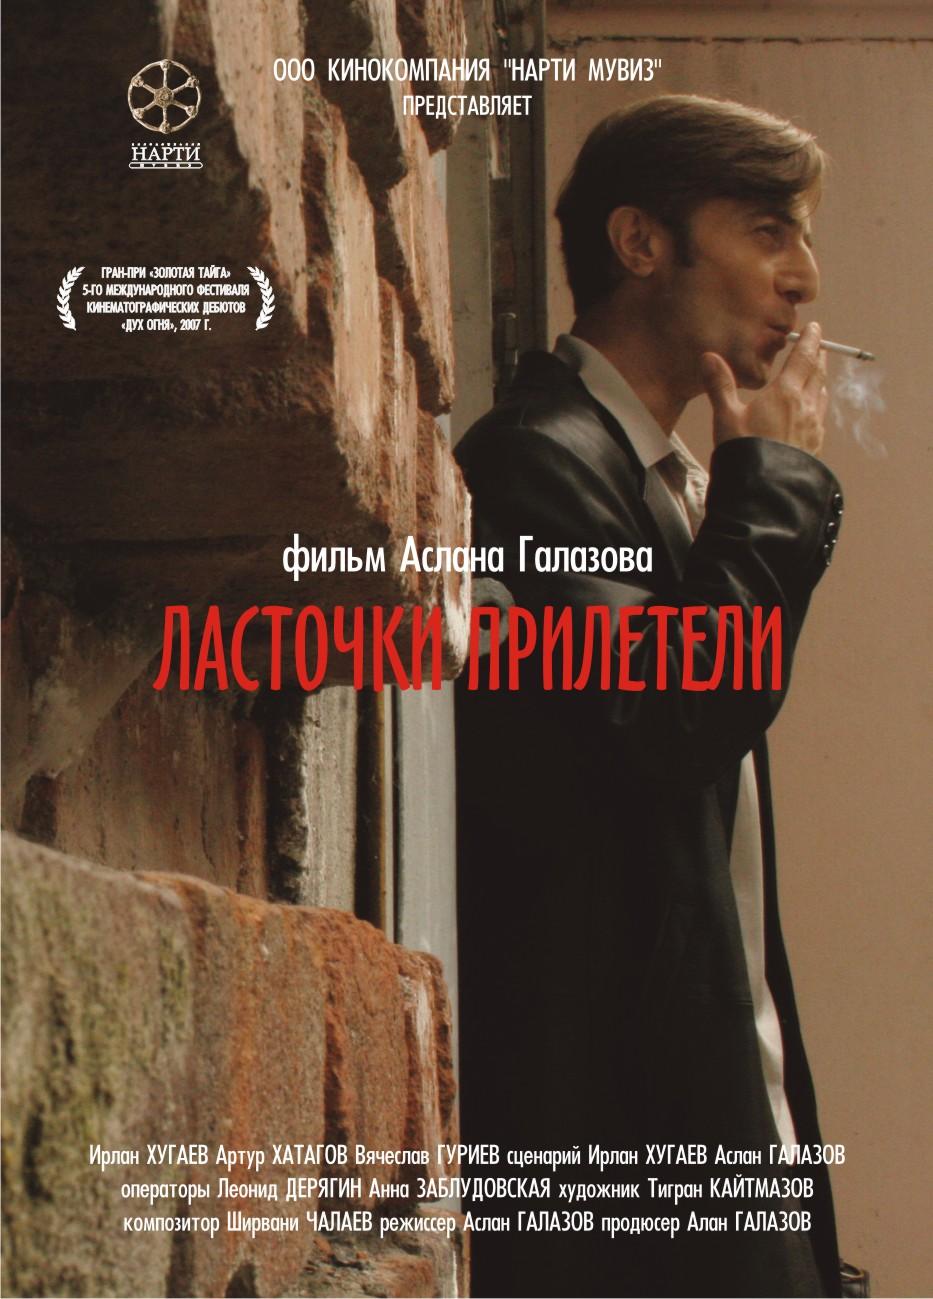 Фильм Ласточки прилетели смотреть онлайн бесплатно, в хорошем качестве